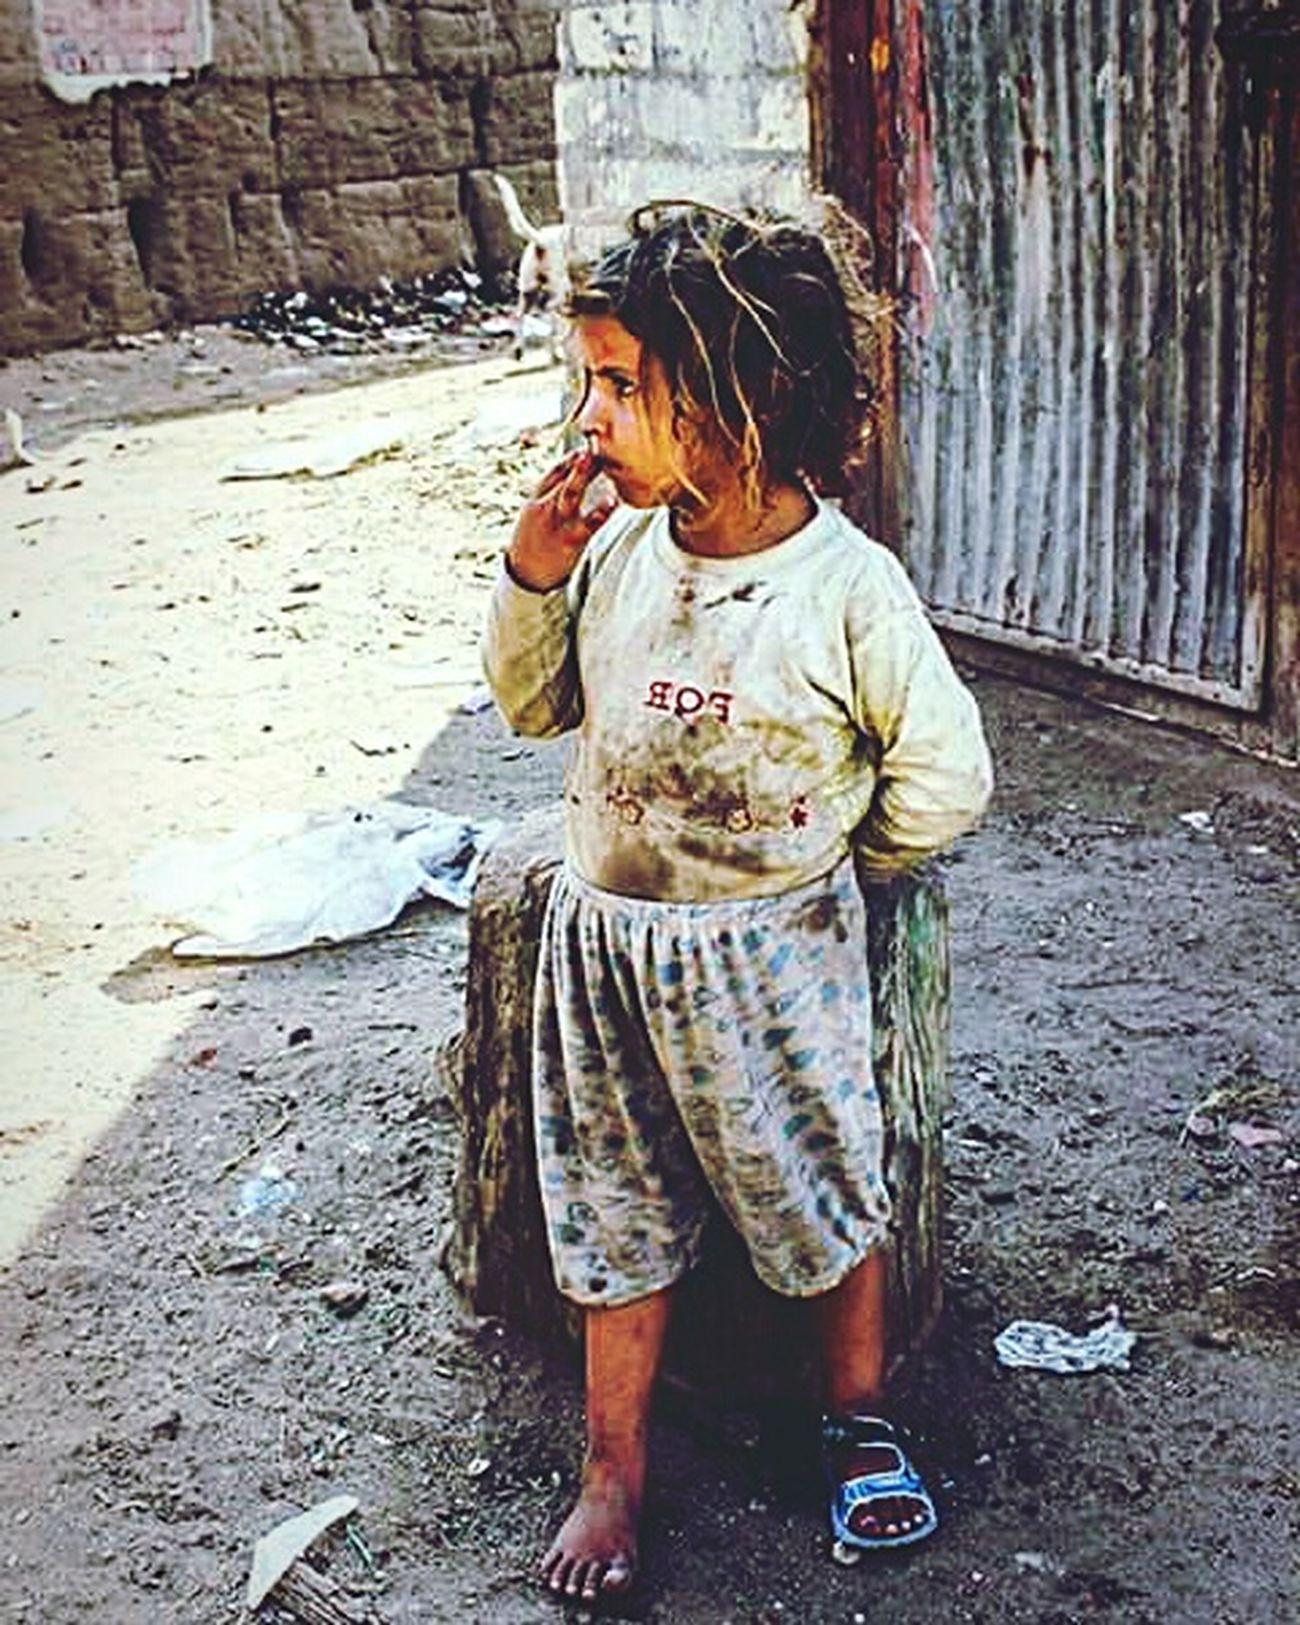 Boor Photoshop Photo France Benghazi